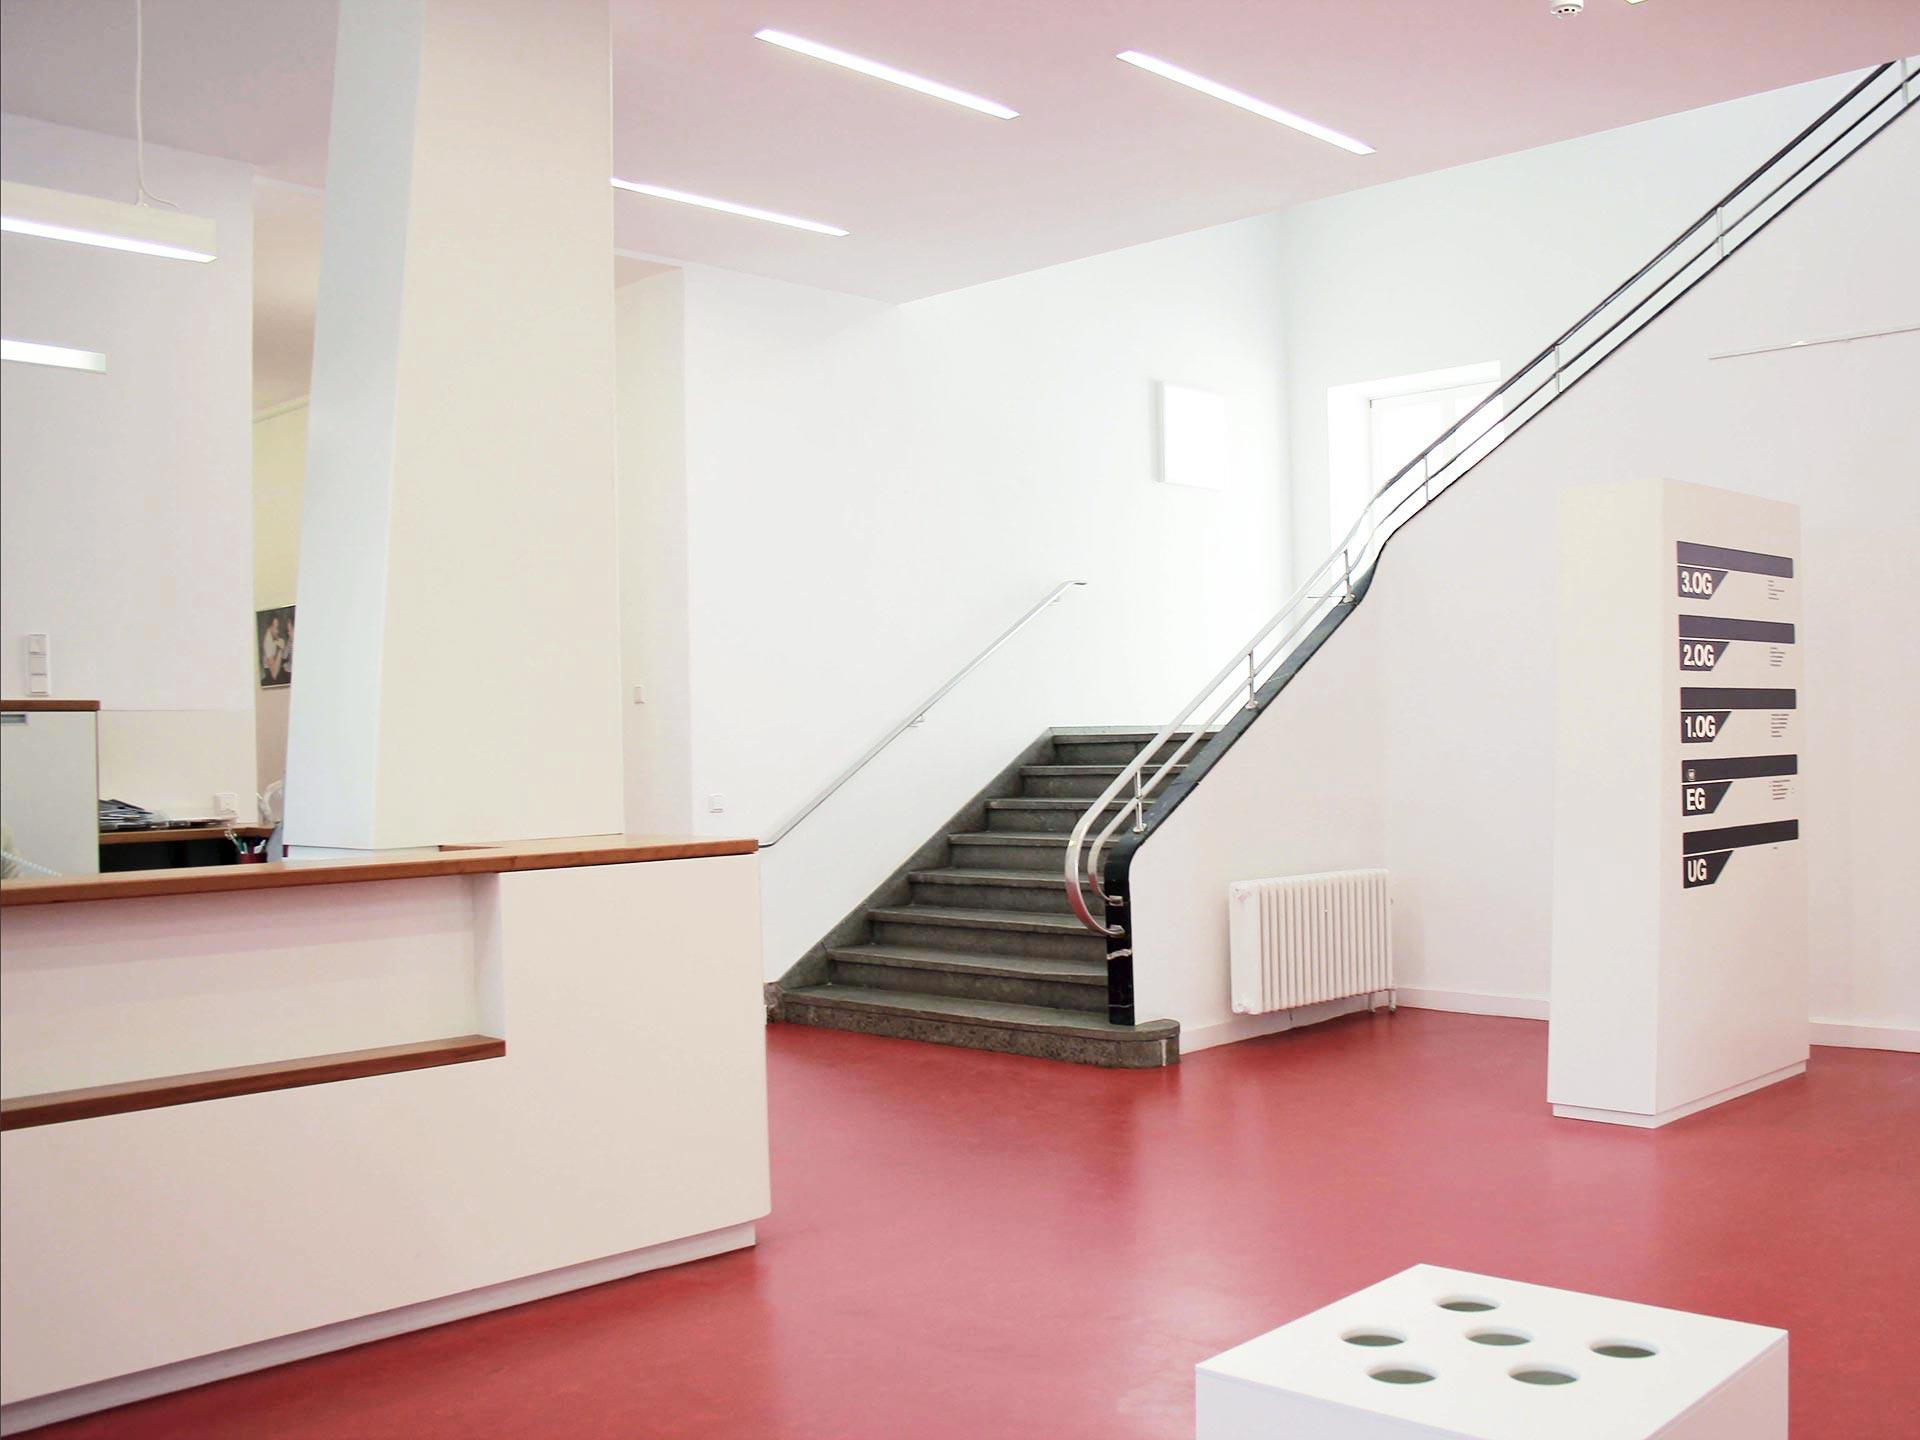 Umbau Wohnungsgenossenschaft Halle Leuna 2